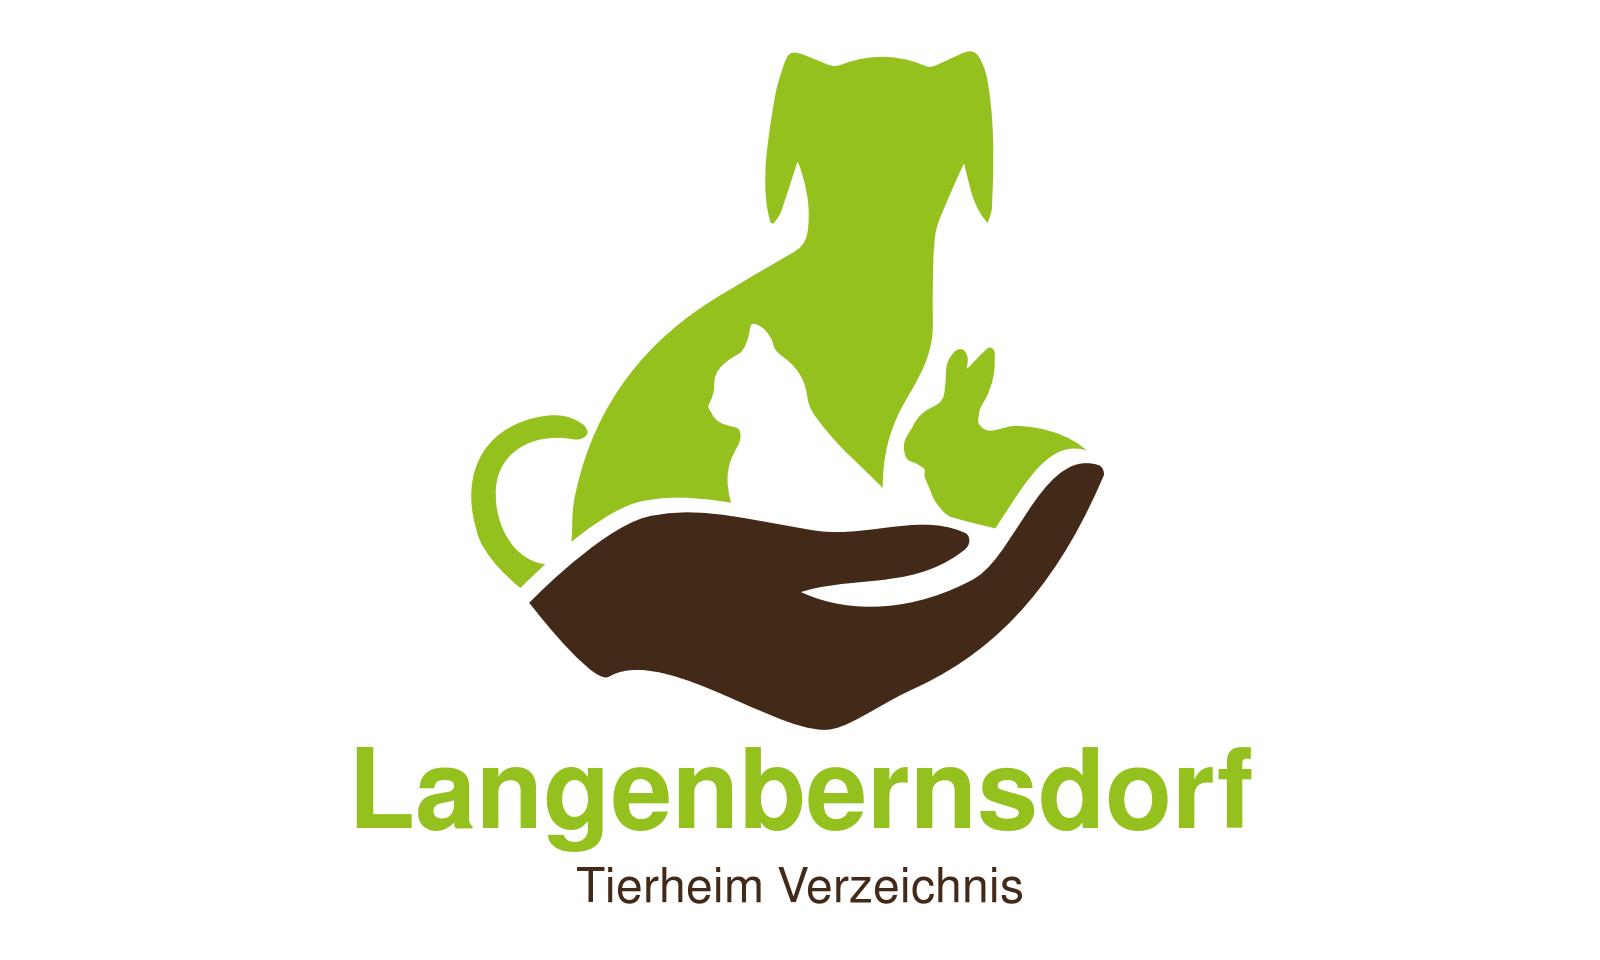 Tierheim Langenbernsdorf